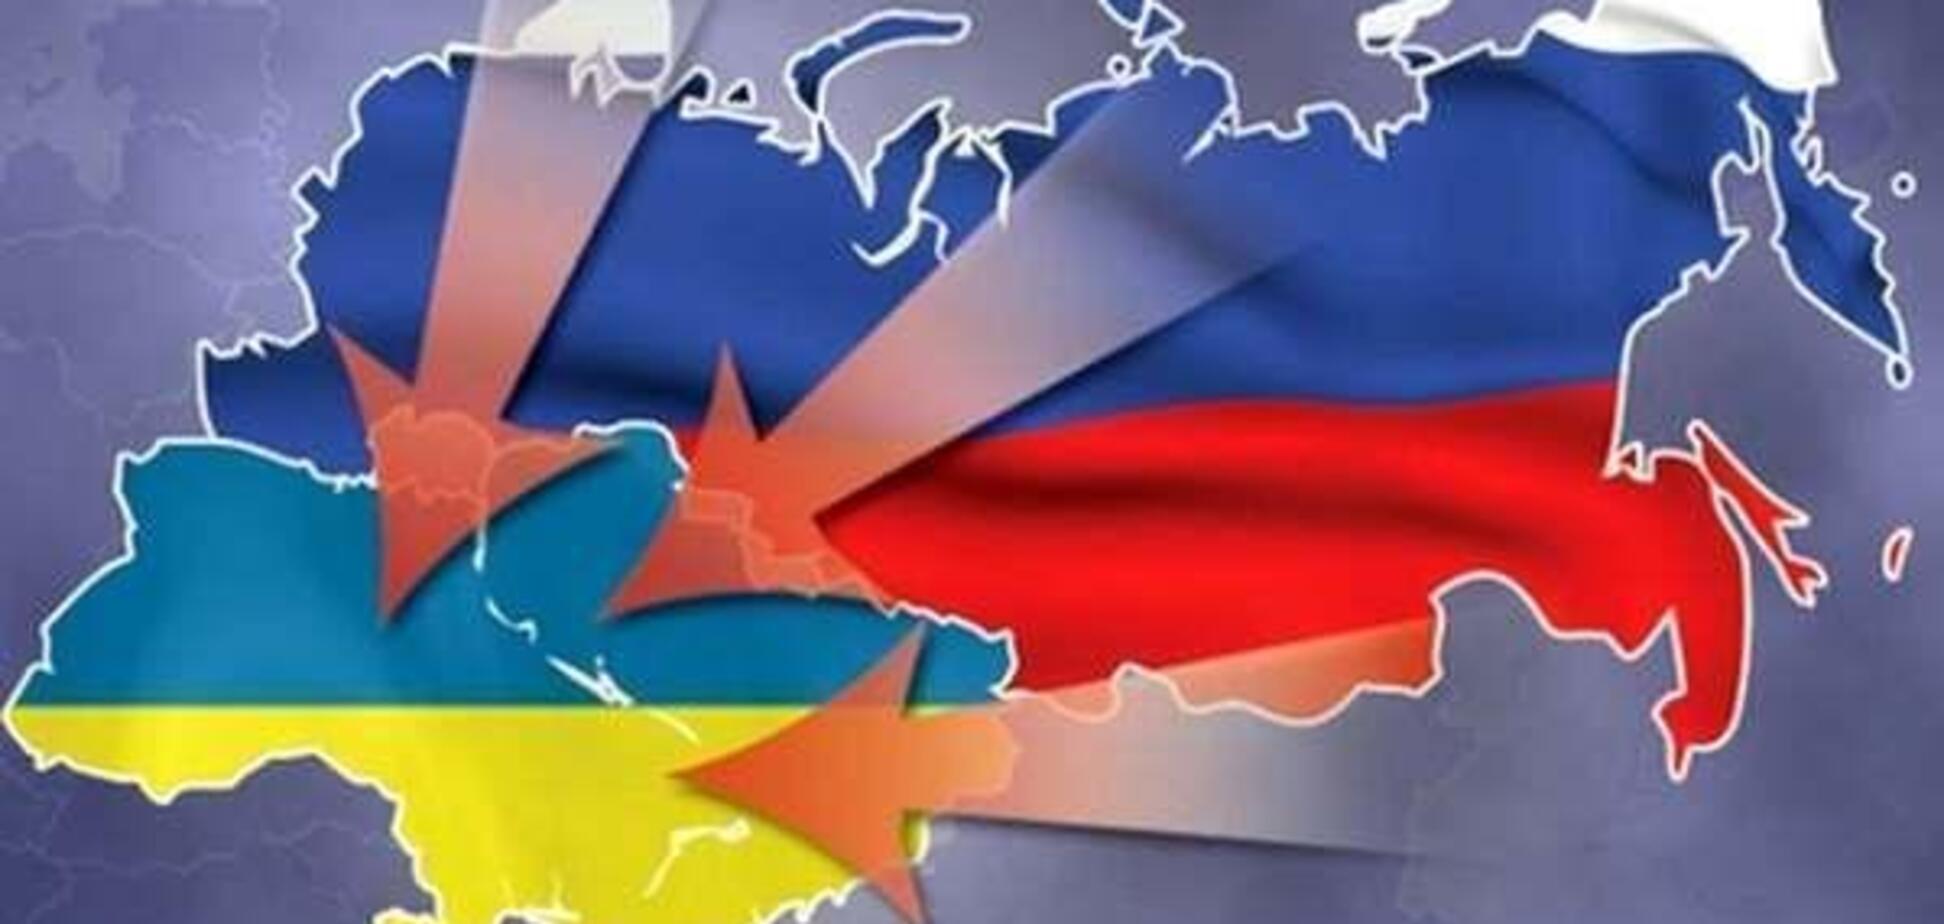 'Є надія!' Ахеджакова дала прогноз щодо примирення України і Росії